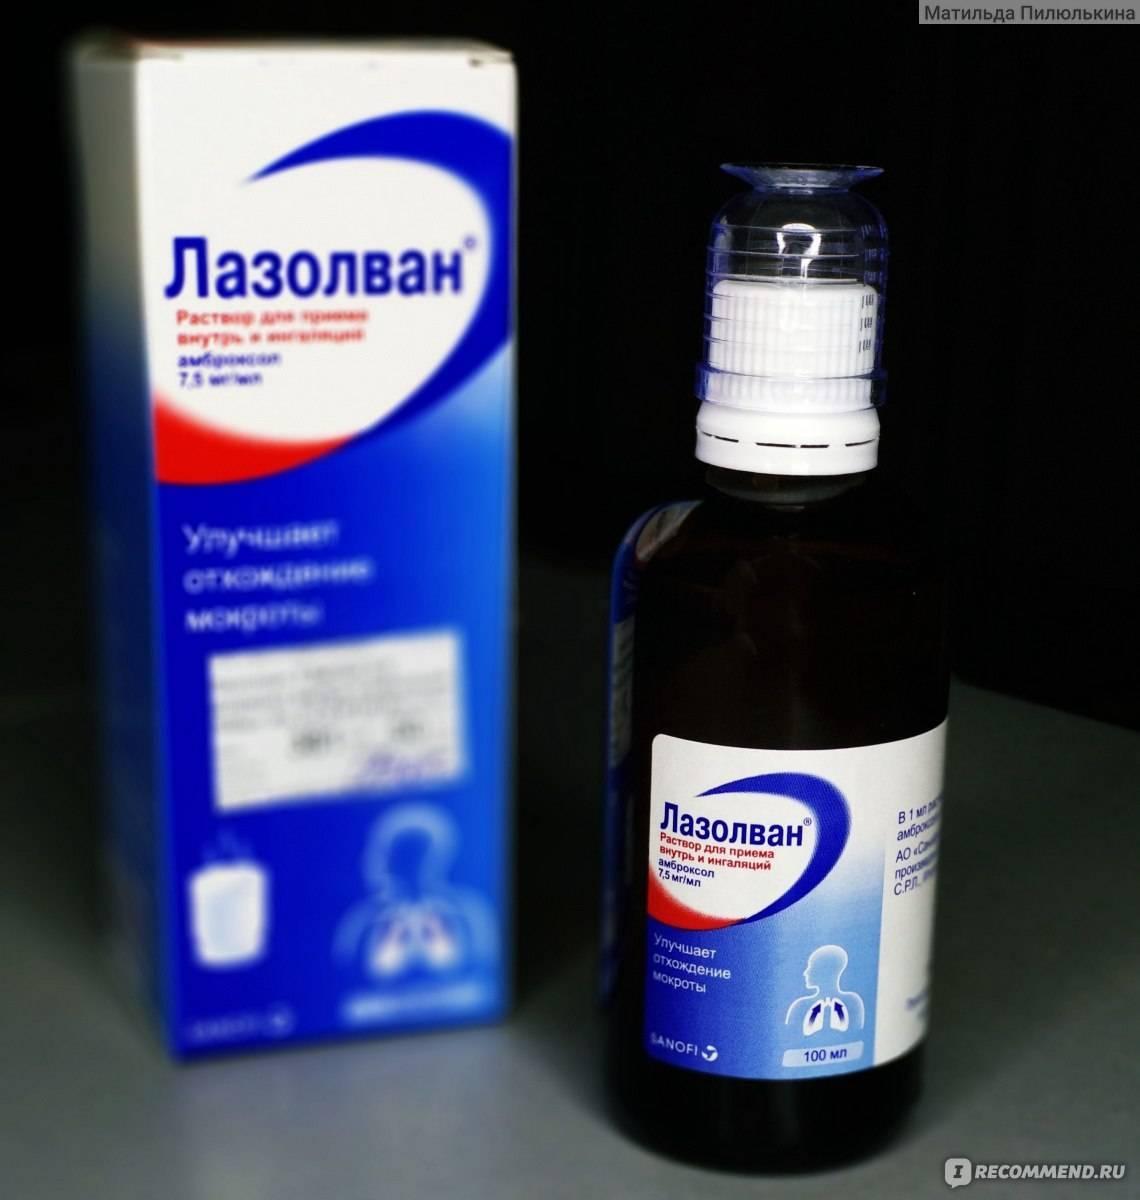 Лазолван при беременности капли в нос - wikivrachinfo.ru